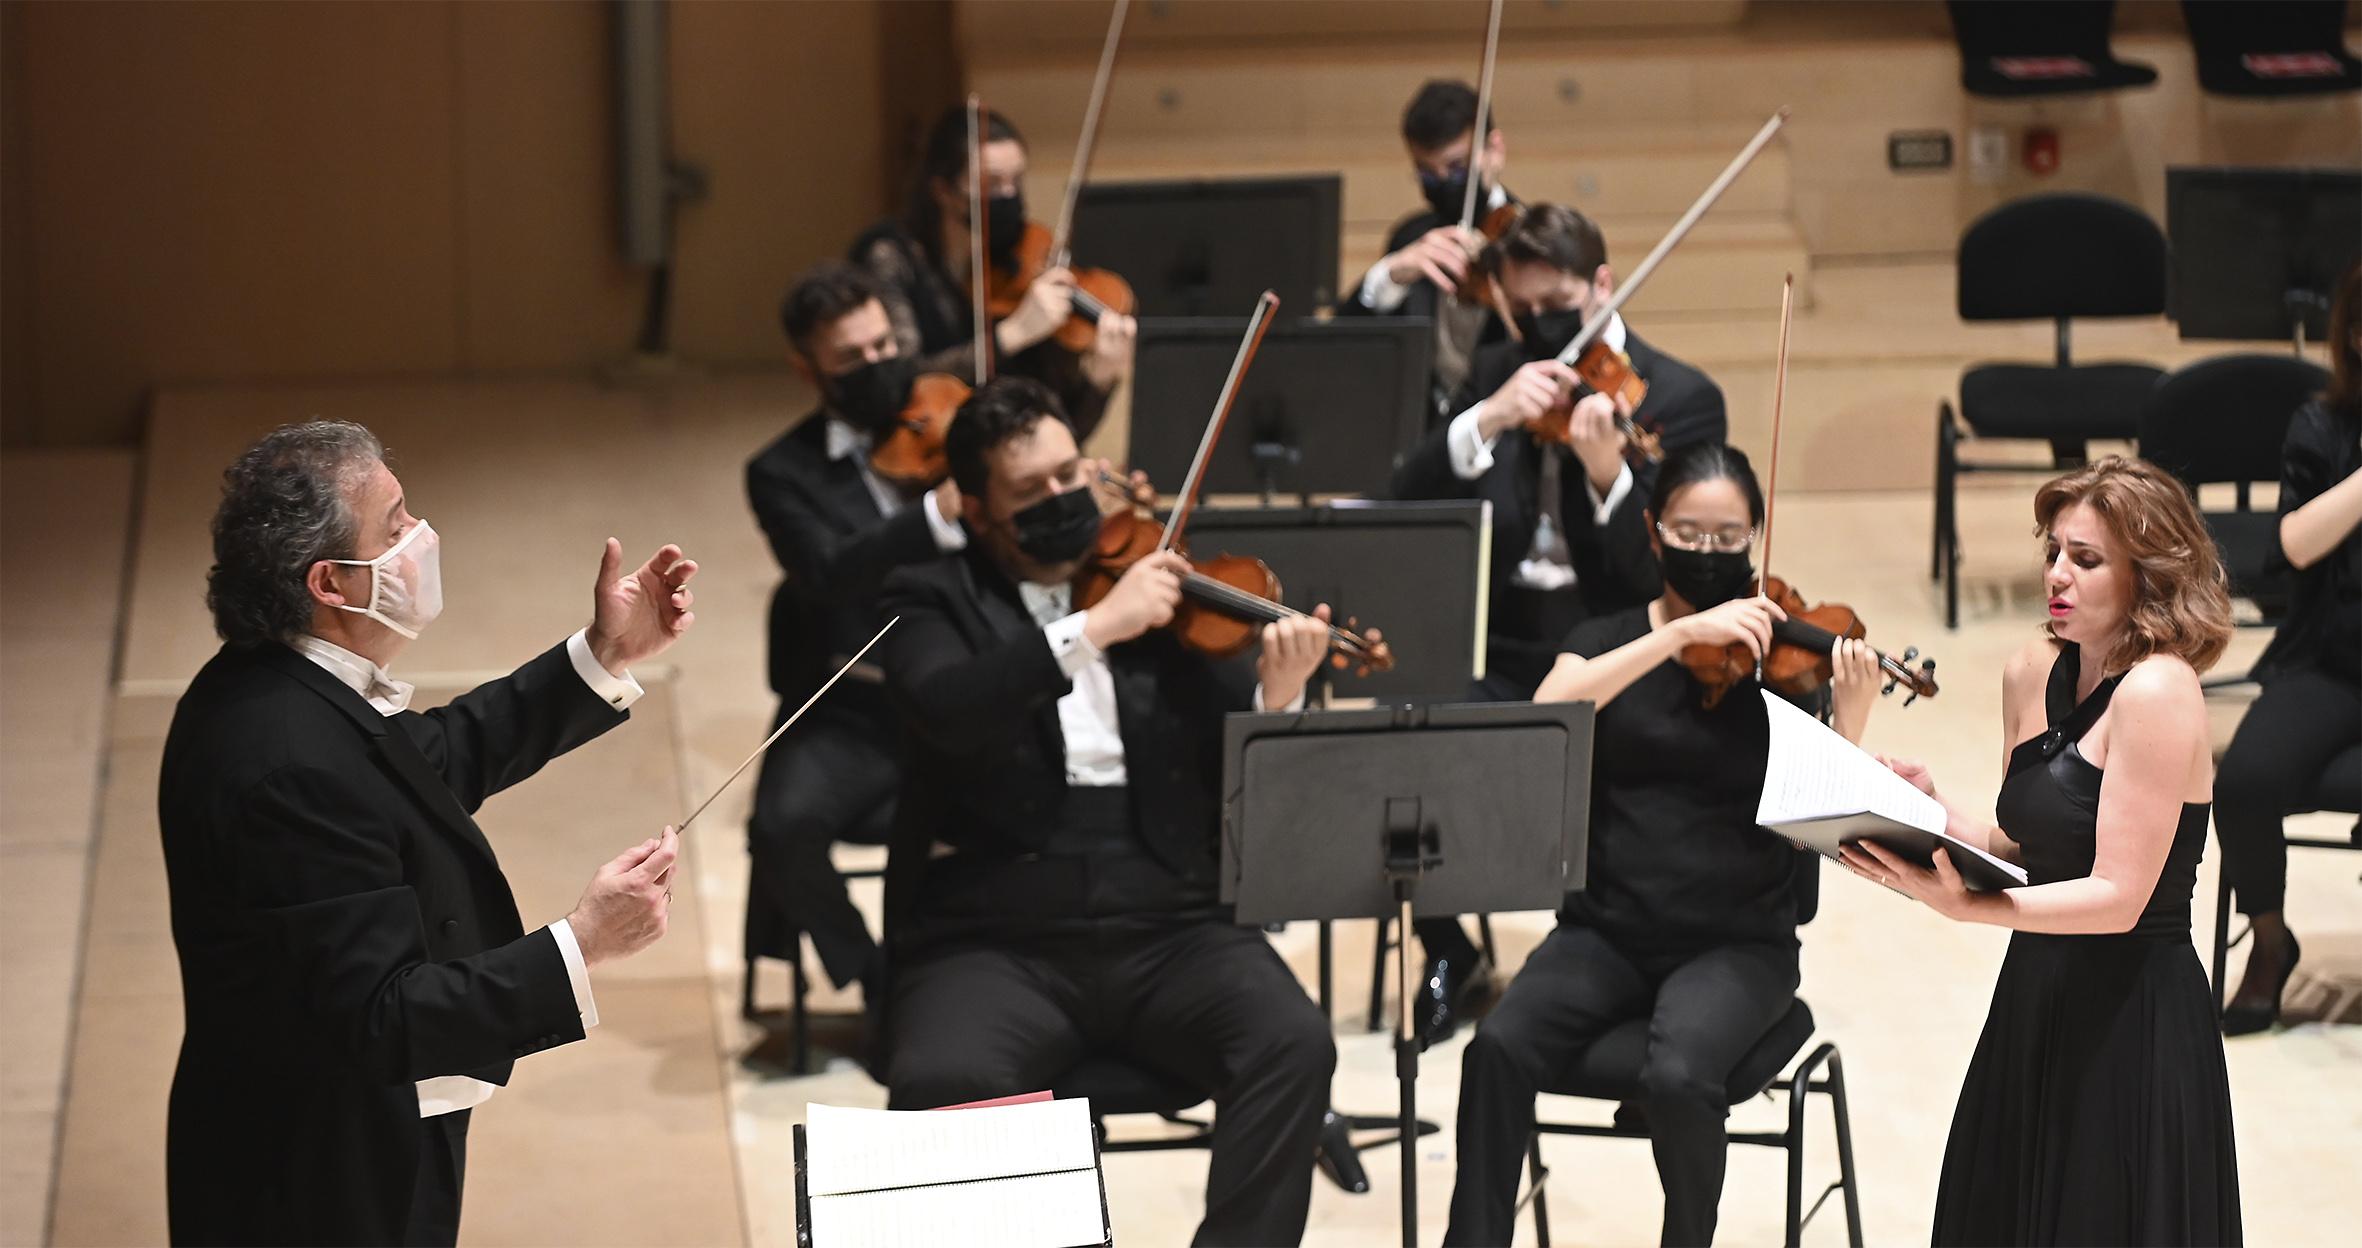 Raquel Lojendio y Juan Mena, en el Auditori de Castelló, pasa de revoluciones la novena de Schubert